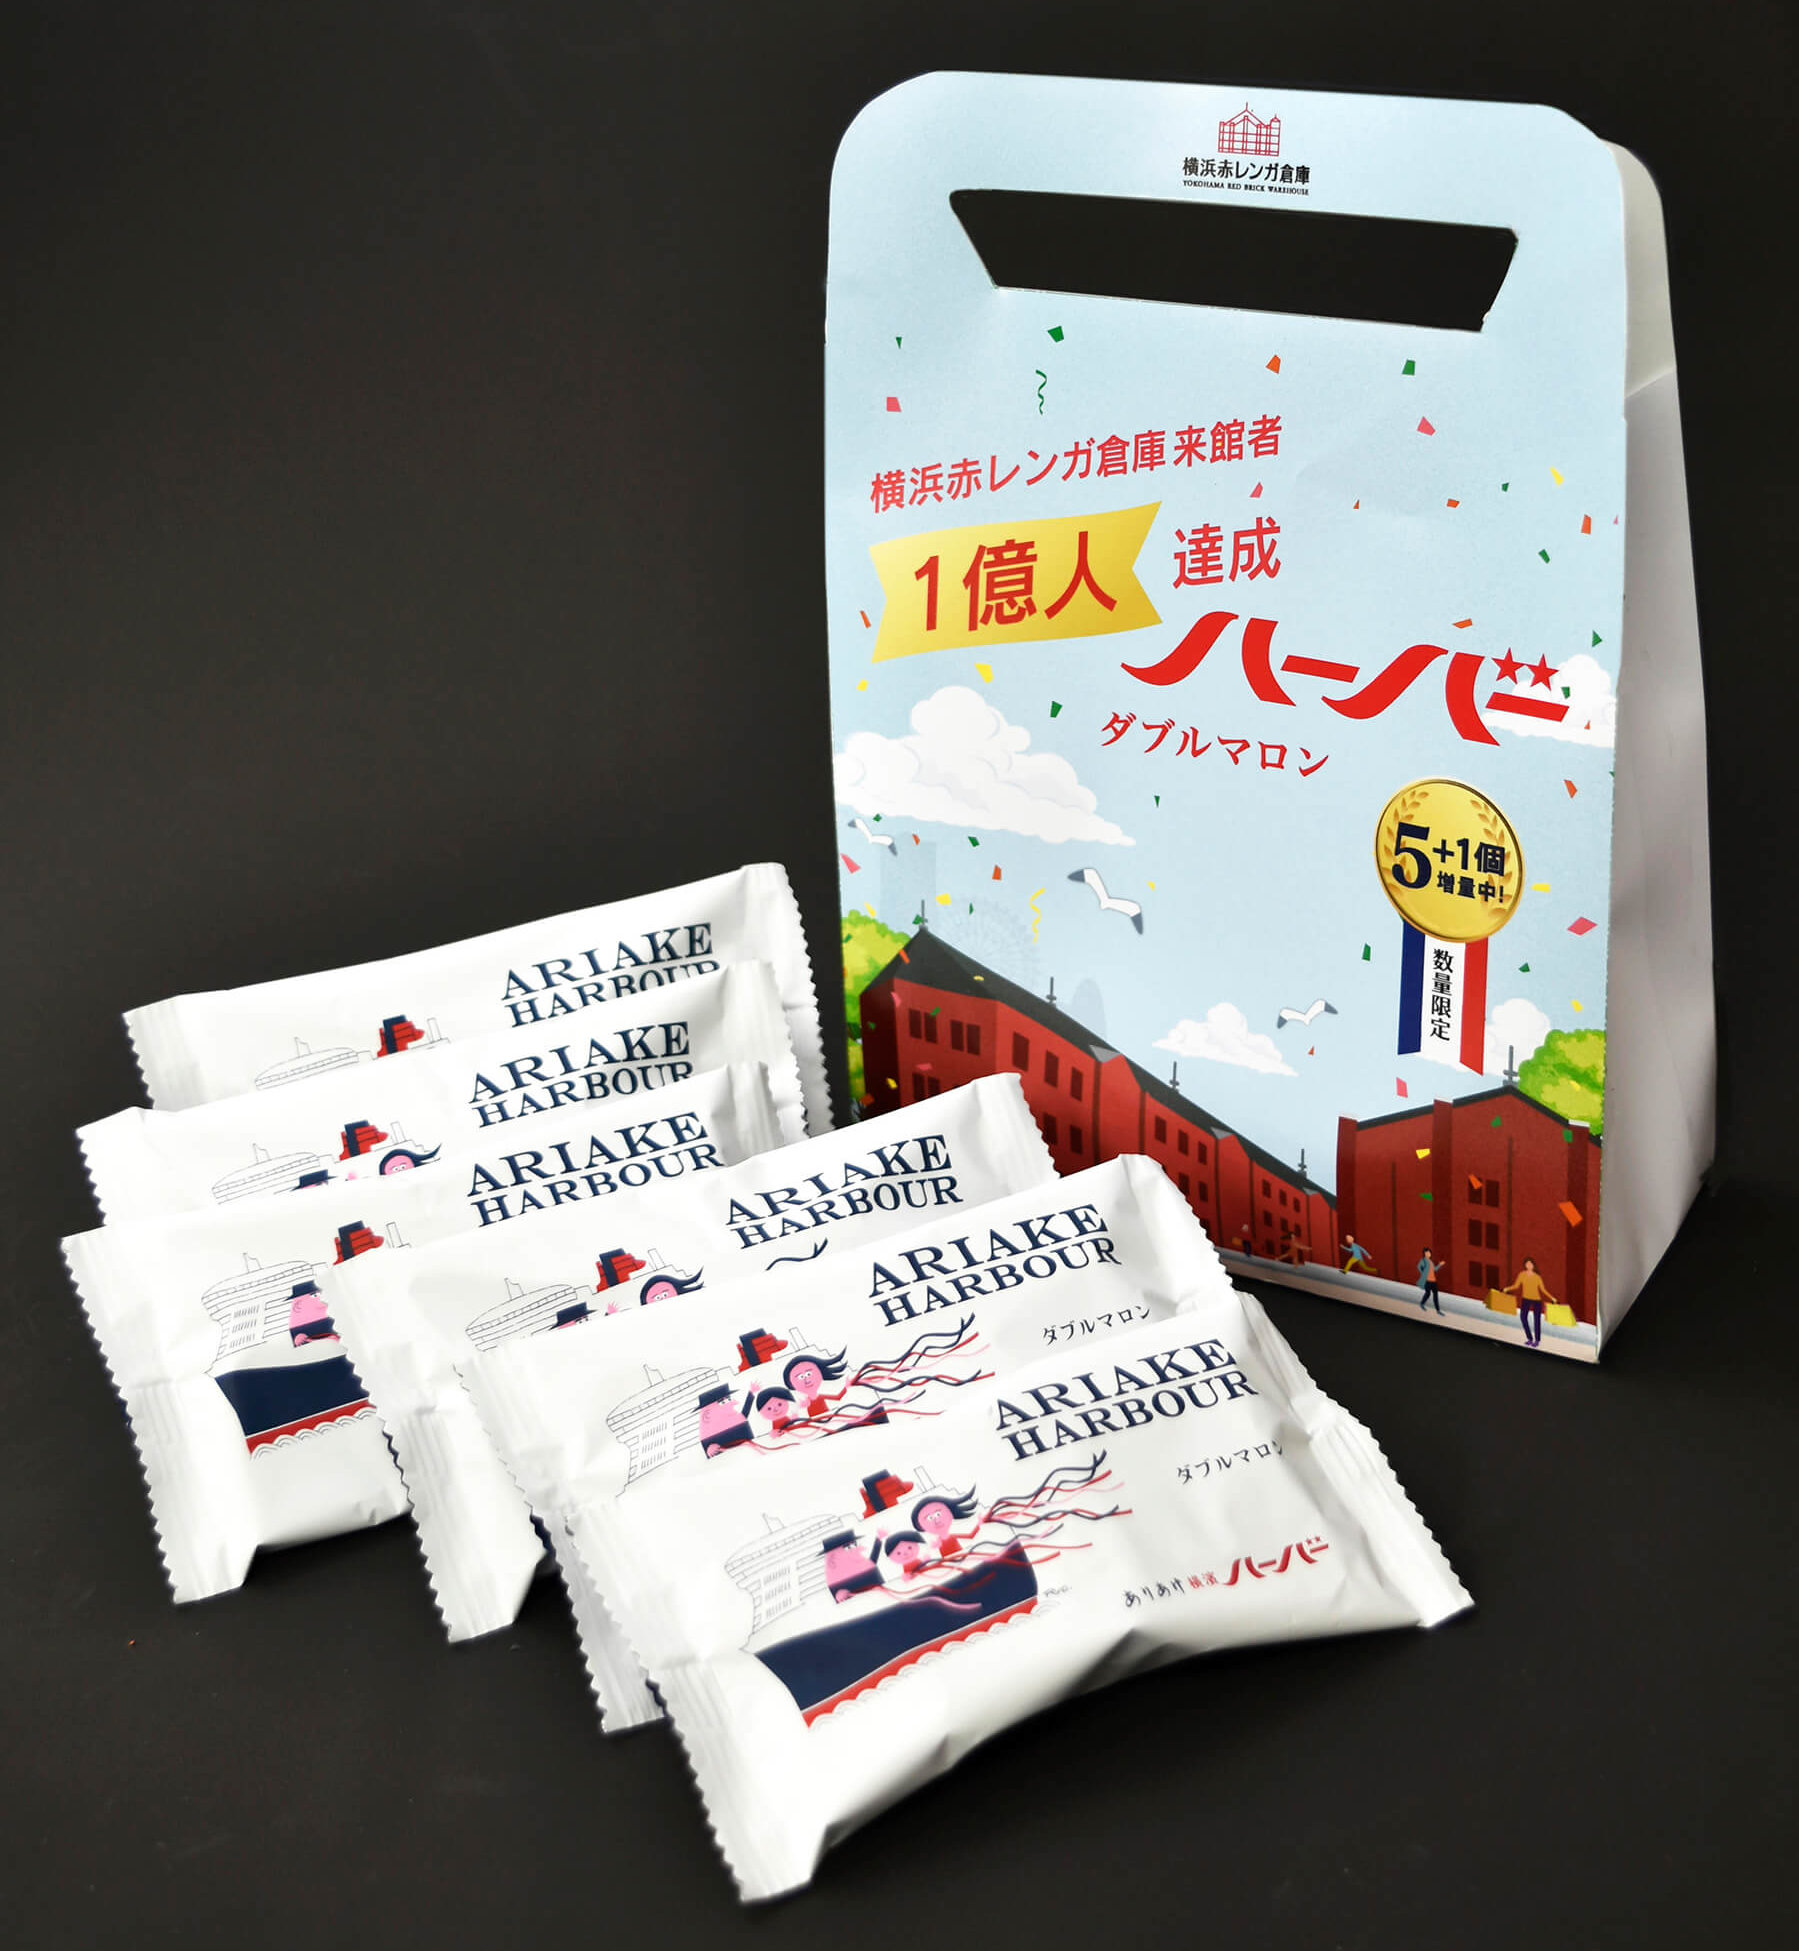 横濱ハーバー ダブルマロン